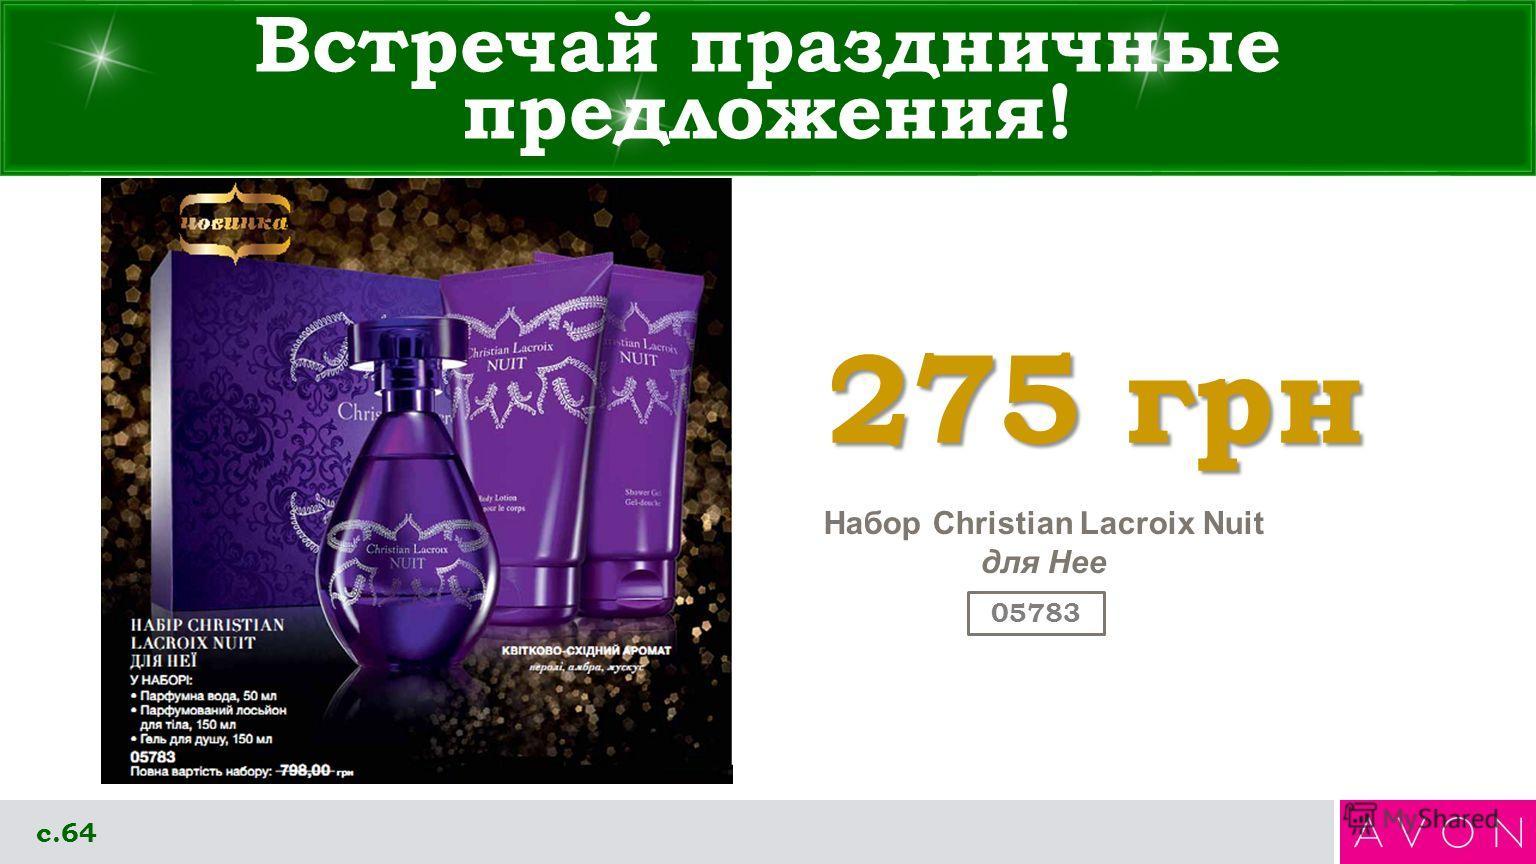 Встречай праздничные предложения! 275 грн 05783 Набор Christian Lacroix Nuit для Нее с.64